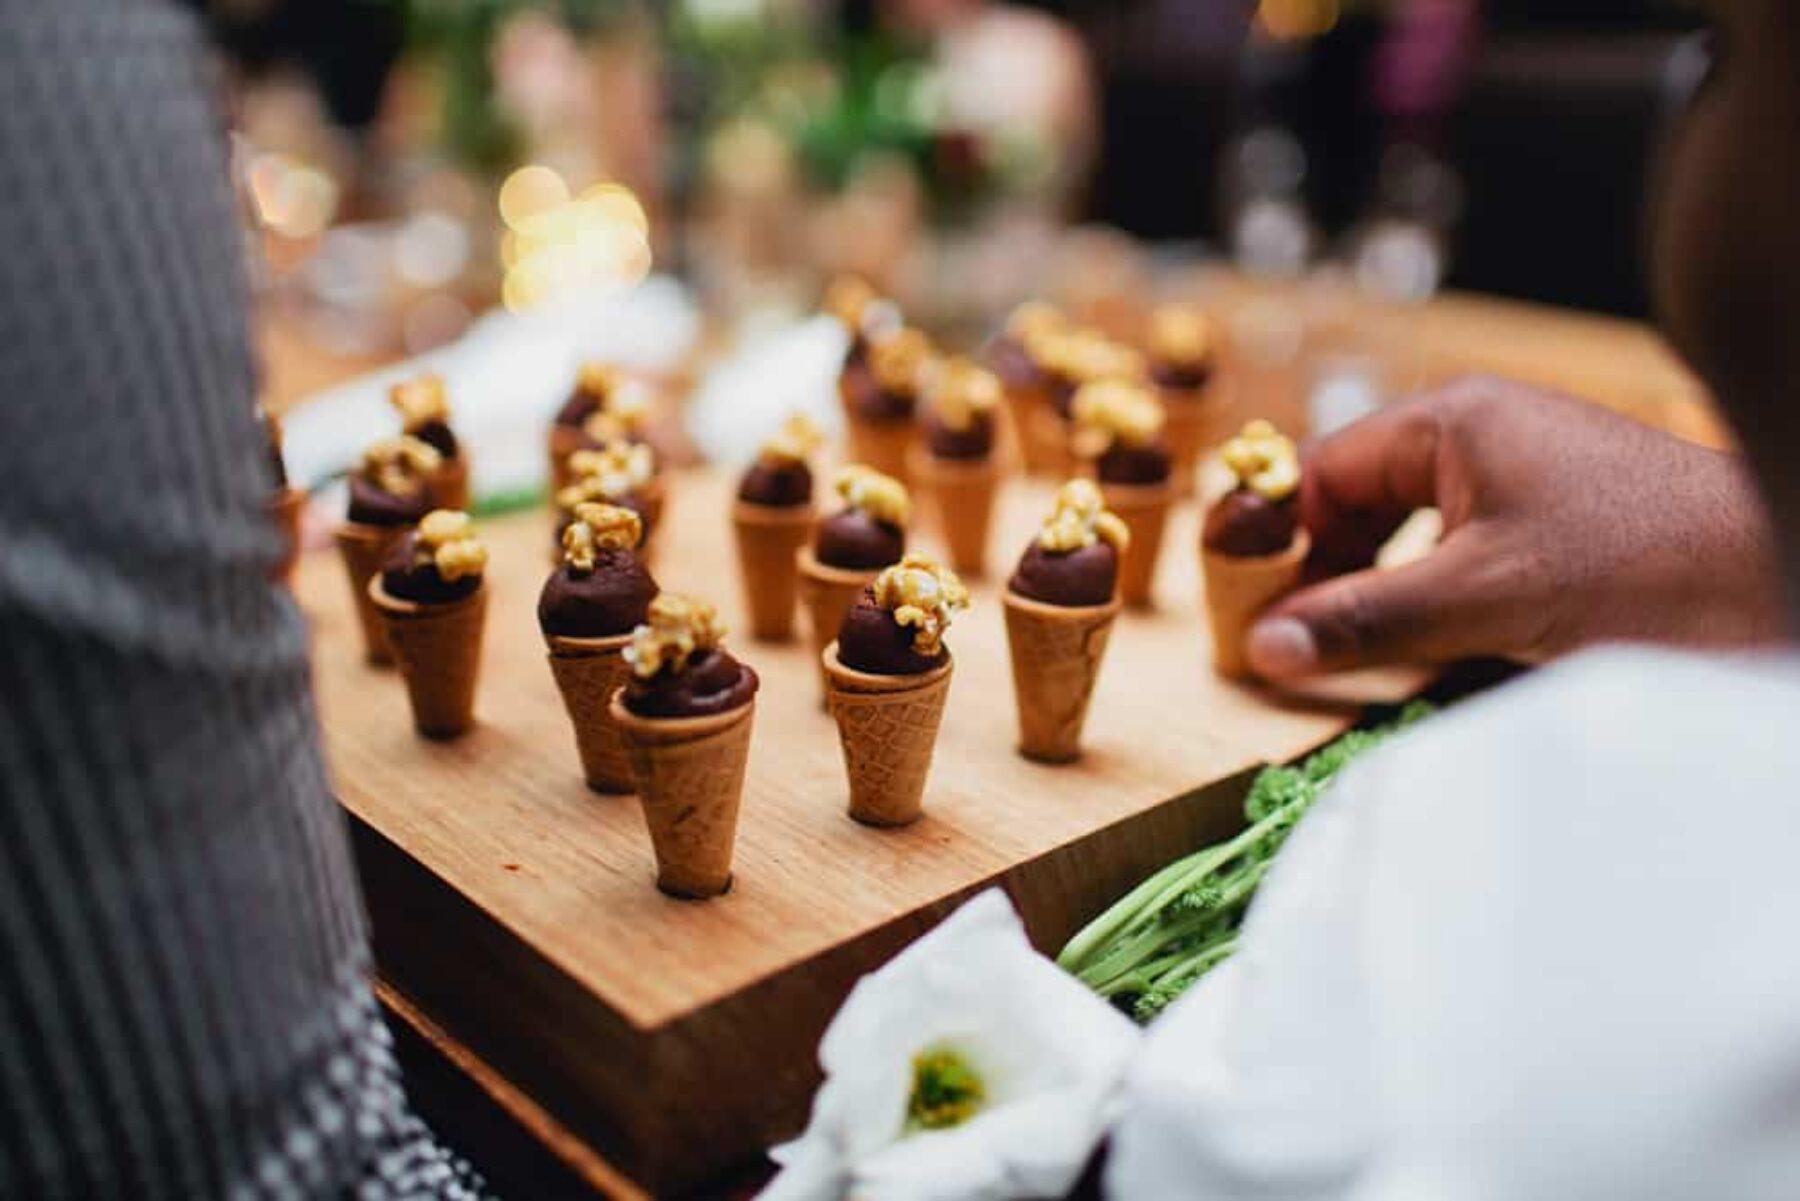 dessert canapes - mini ice cream cones